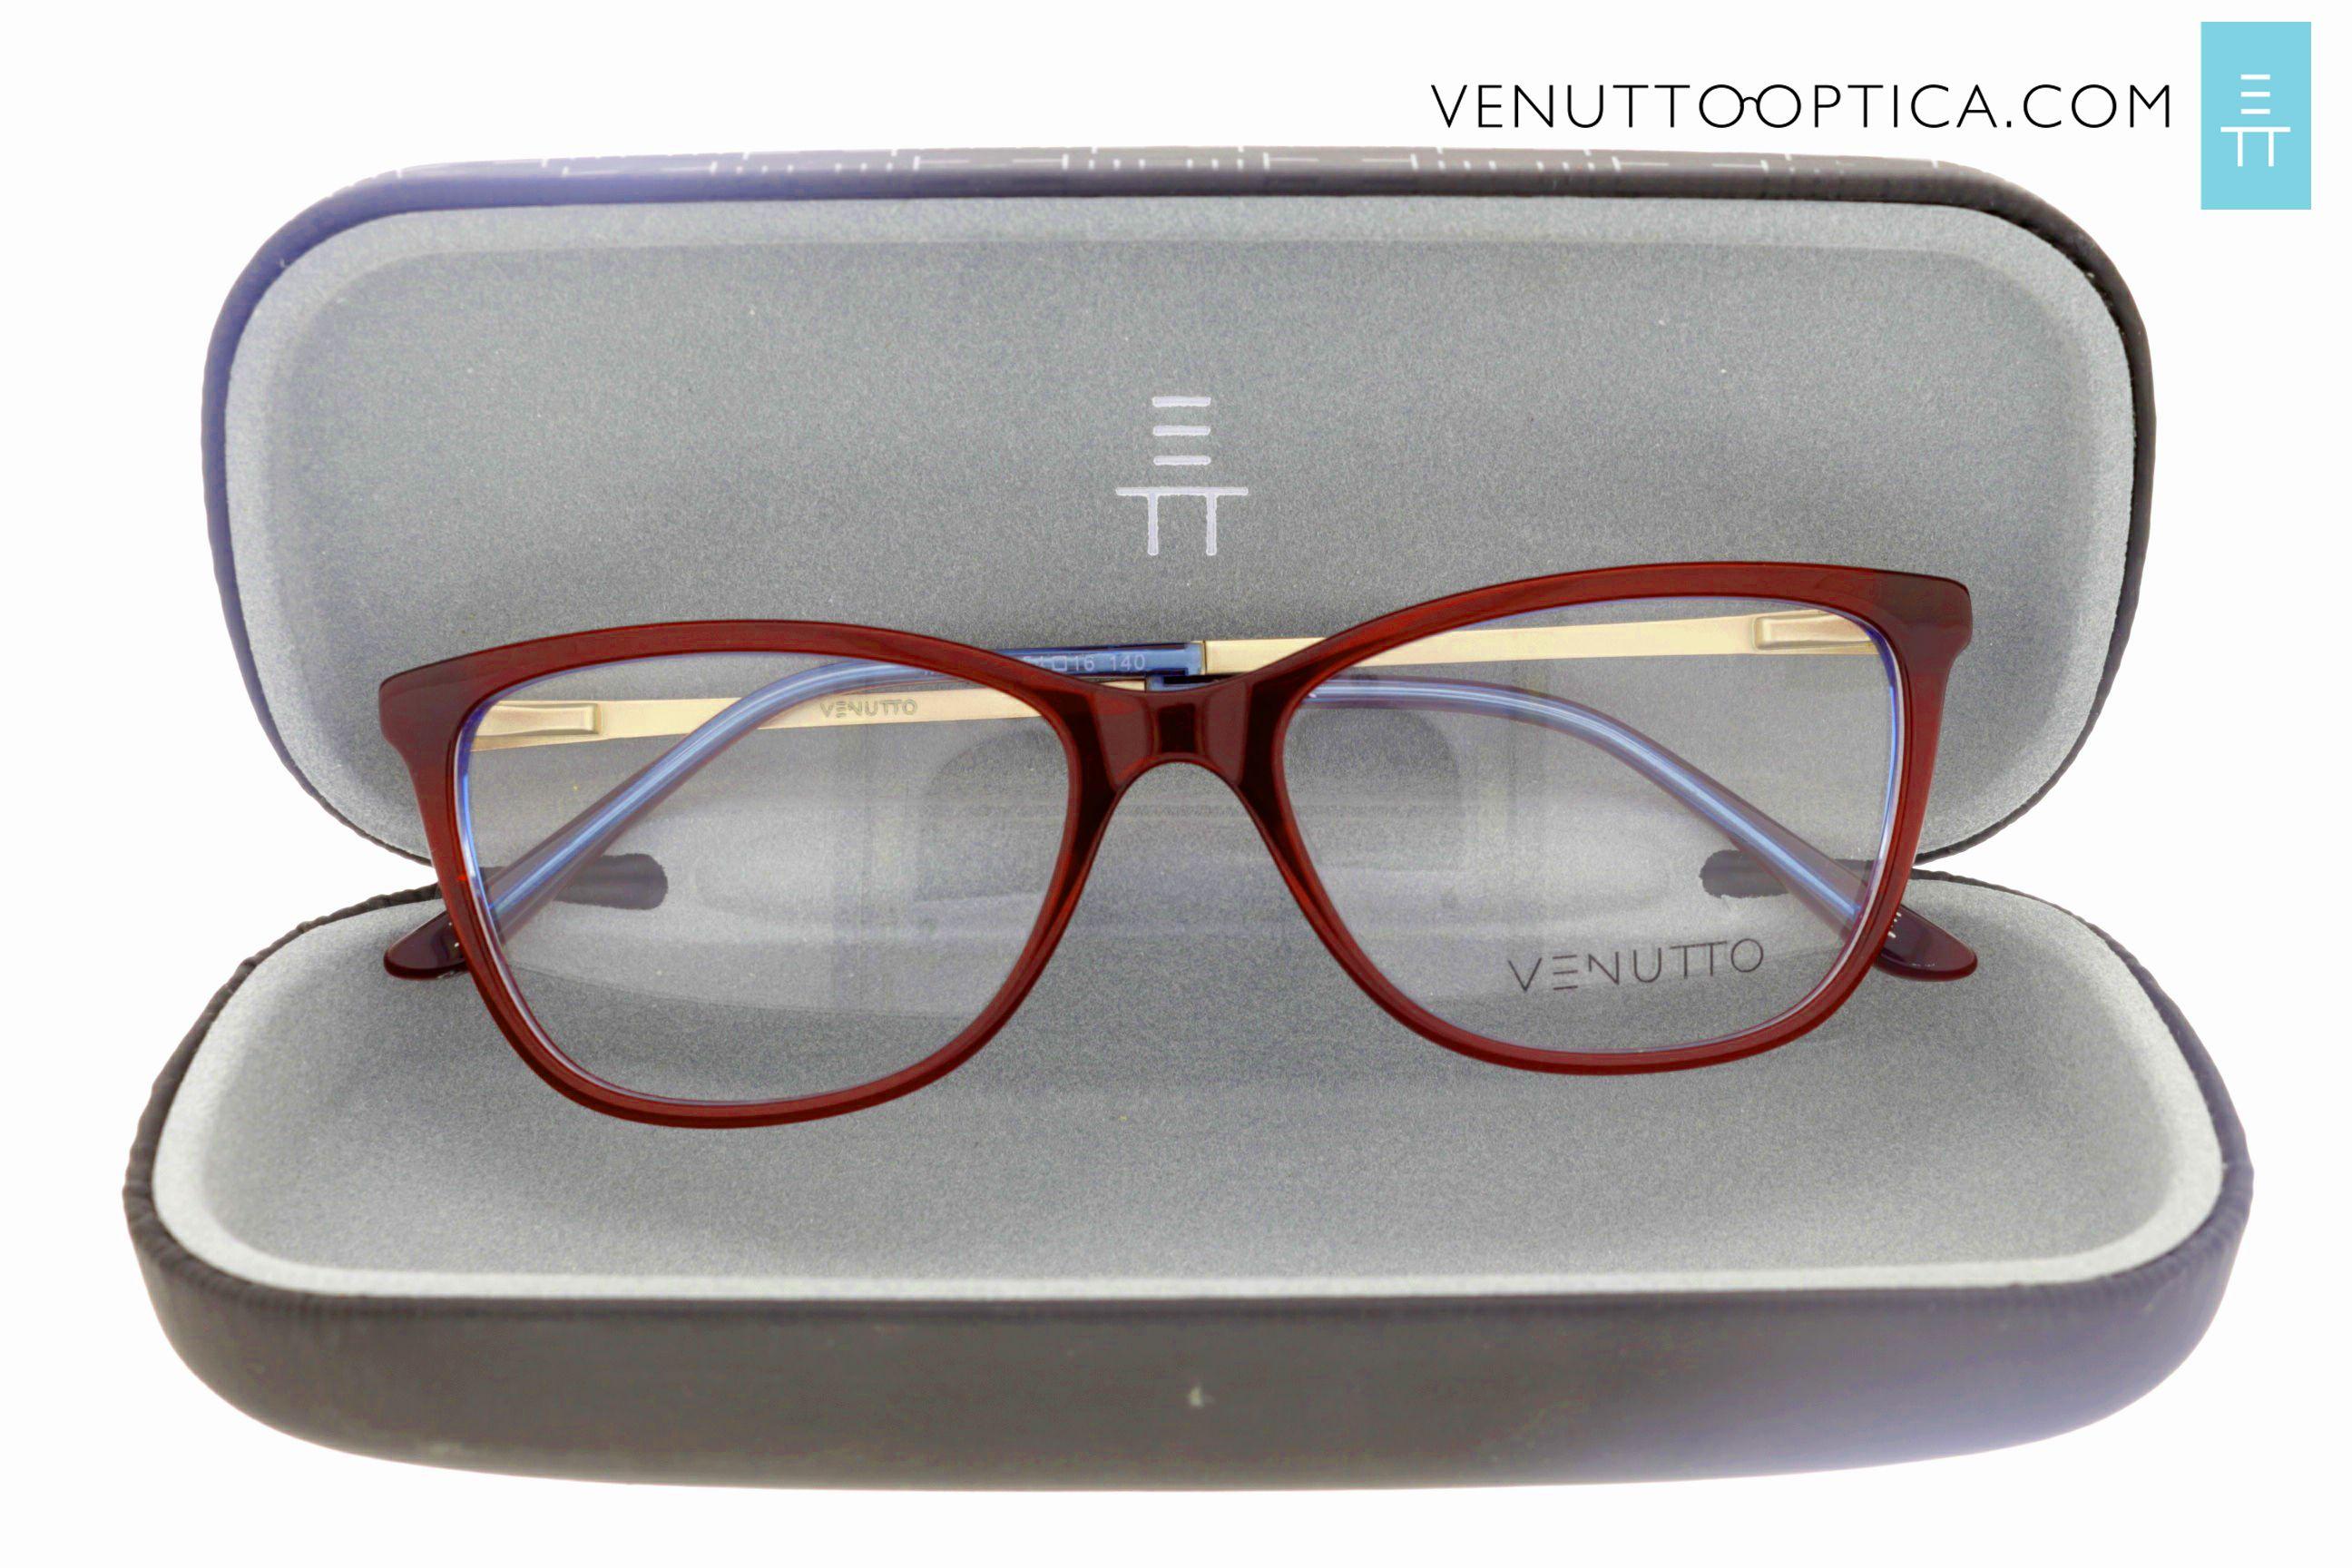 ea0d84919288a Óculos de grau Venutto, vermelho e azul, moda e estilo, gatinho feminino.  Compre agora  )